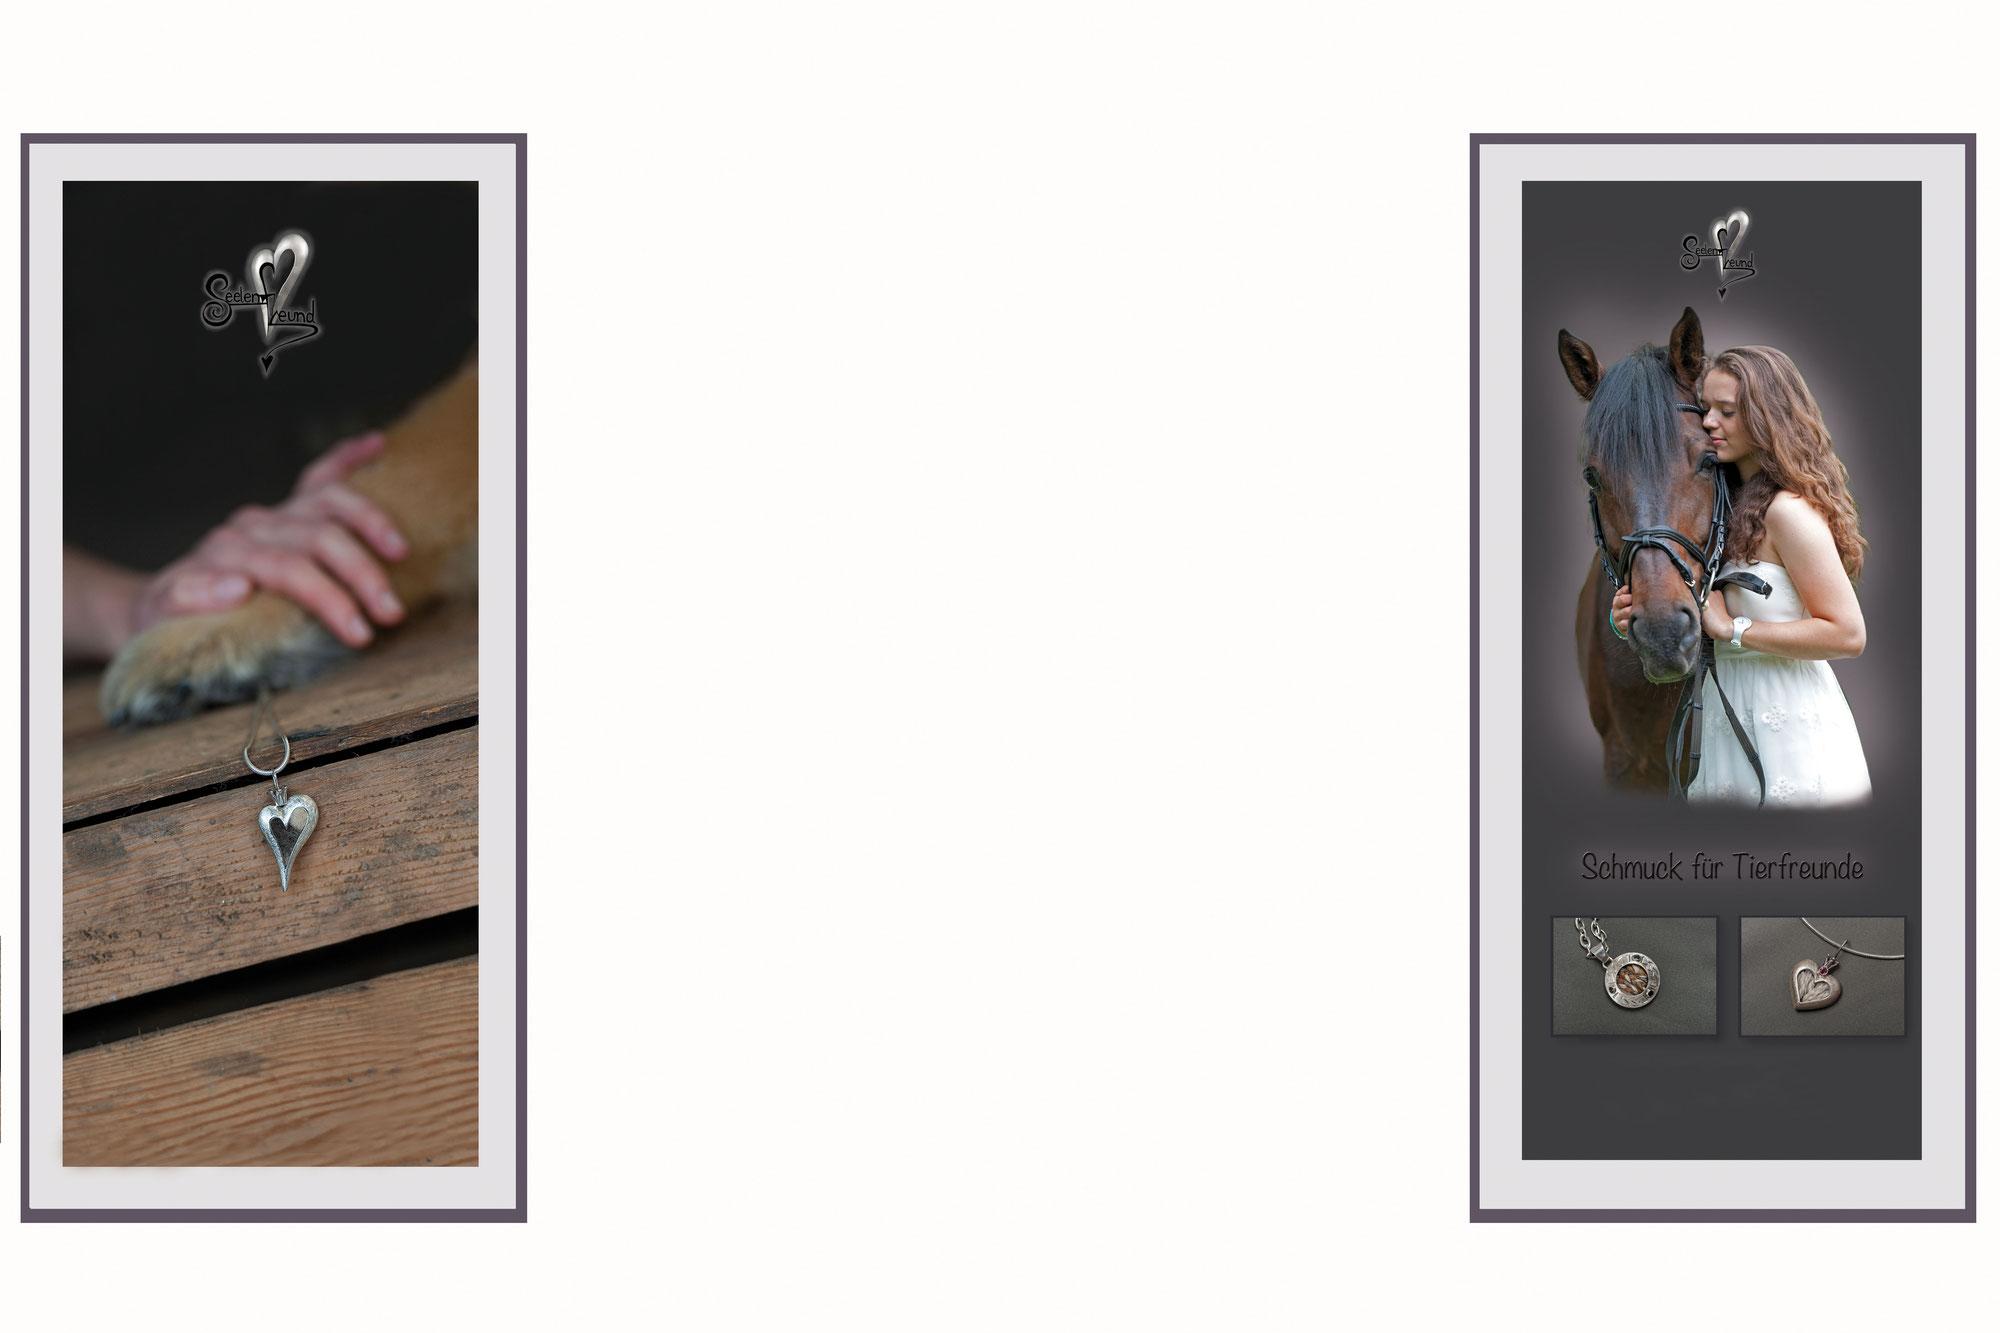 Fantastisch Mattierung Bilder Für Die Gestaltung Bilder ...